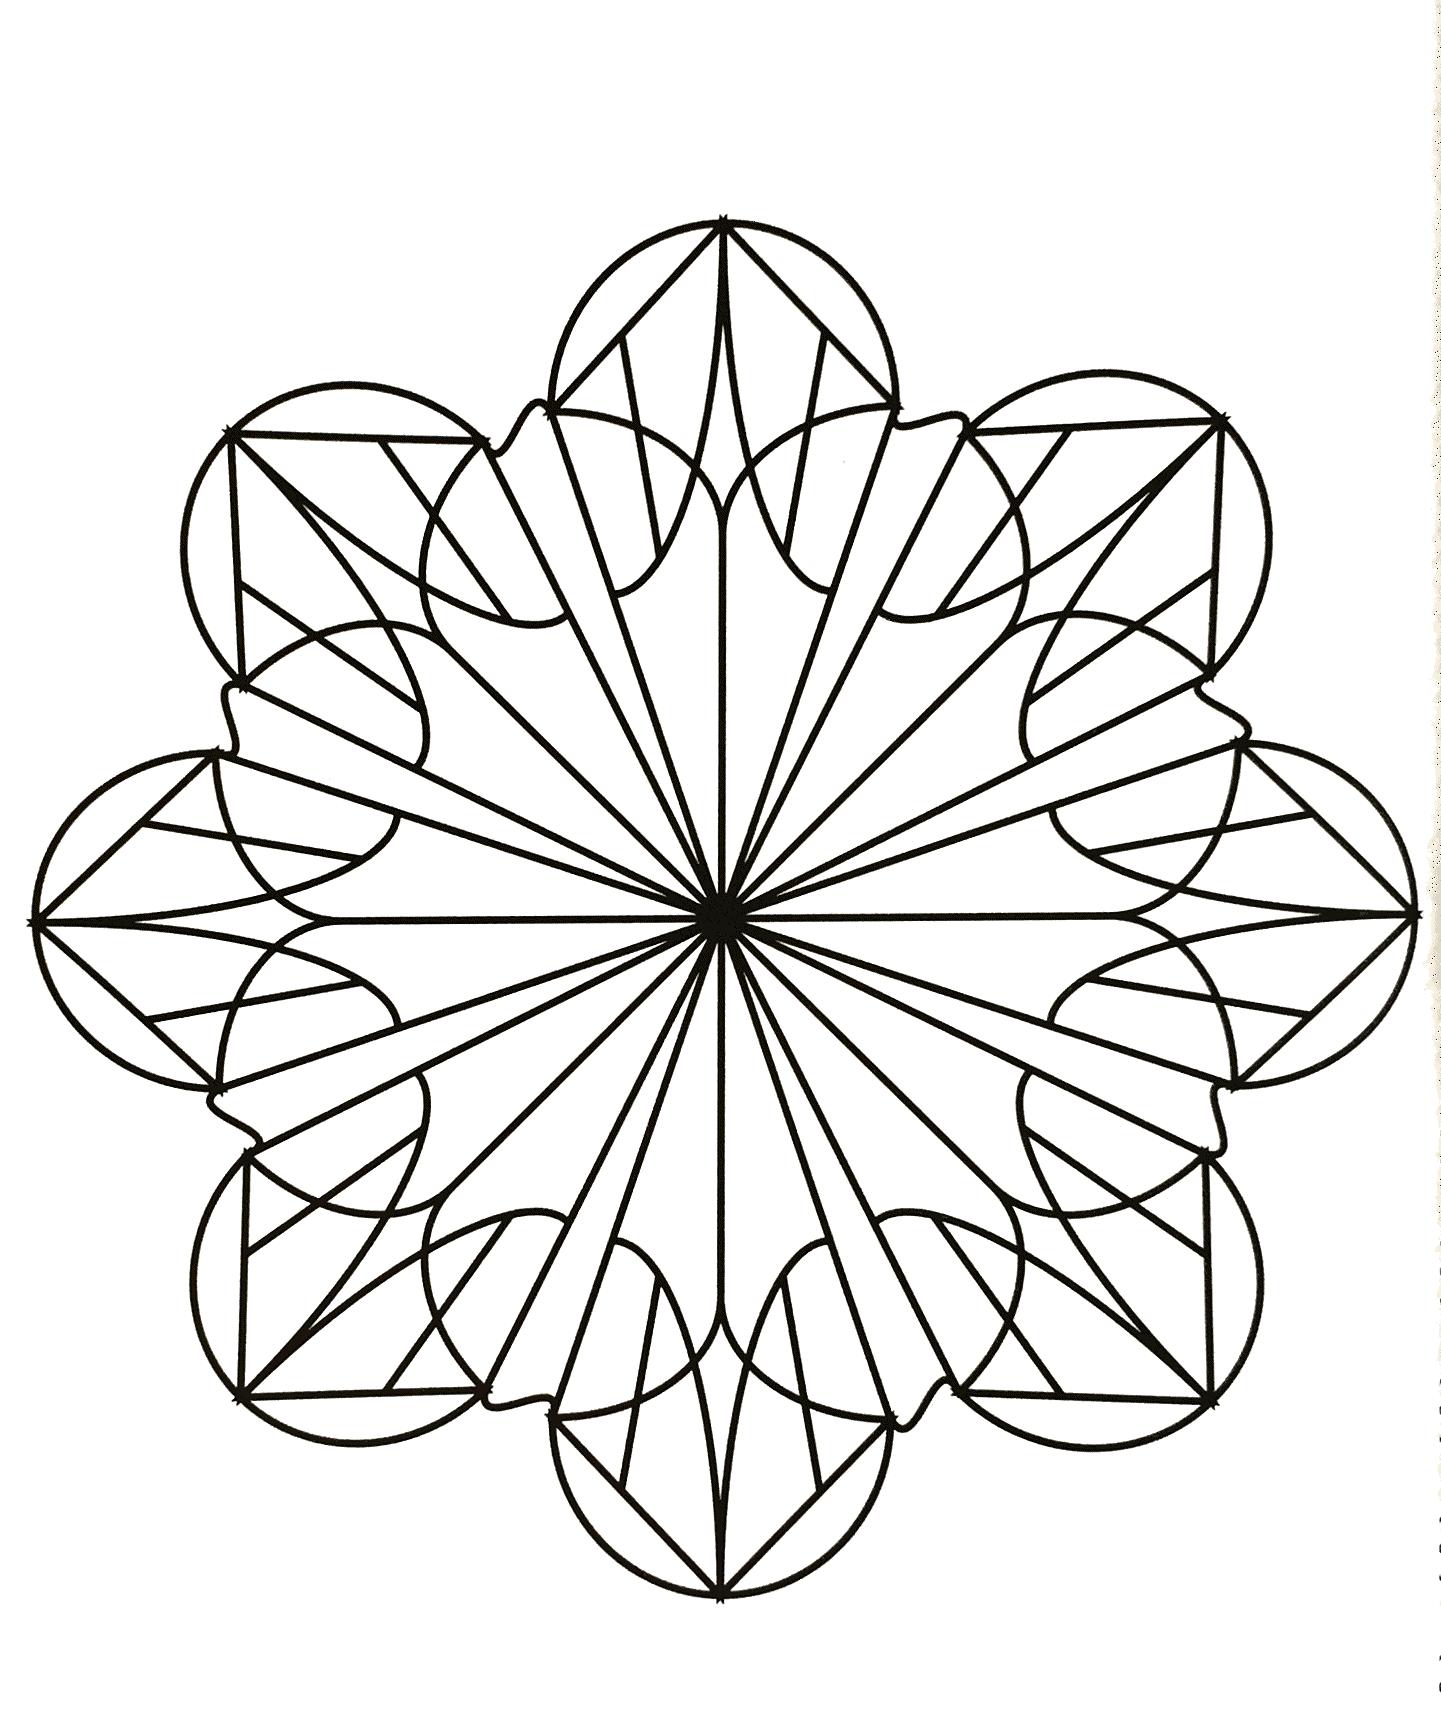 Facile mandala fleur coloriage mandalas coloriages pour enfants - Coloriage fleur 3 ans ...